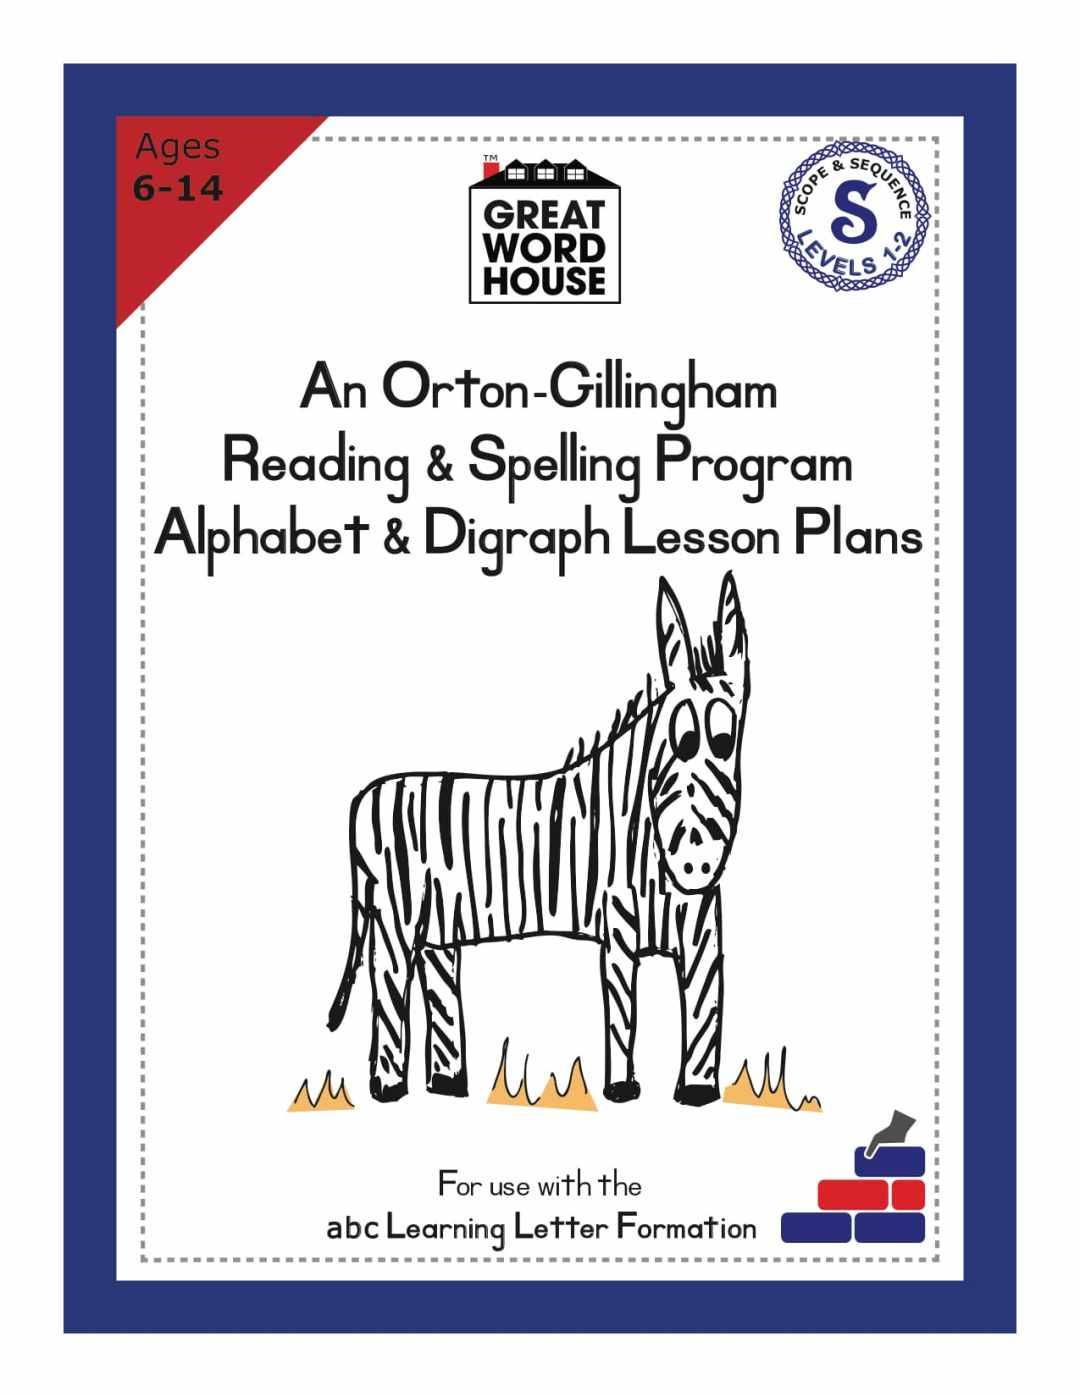 Alphabet & Digraph Lesson Plans